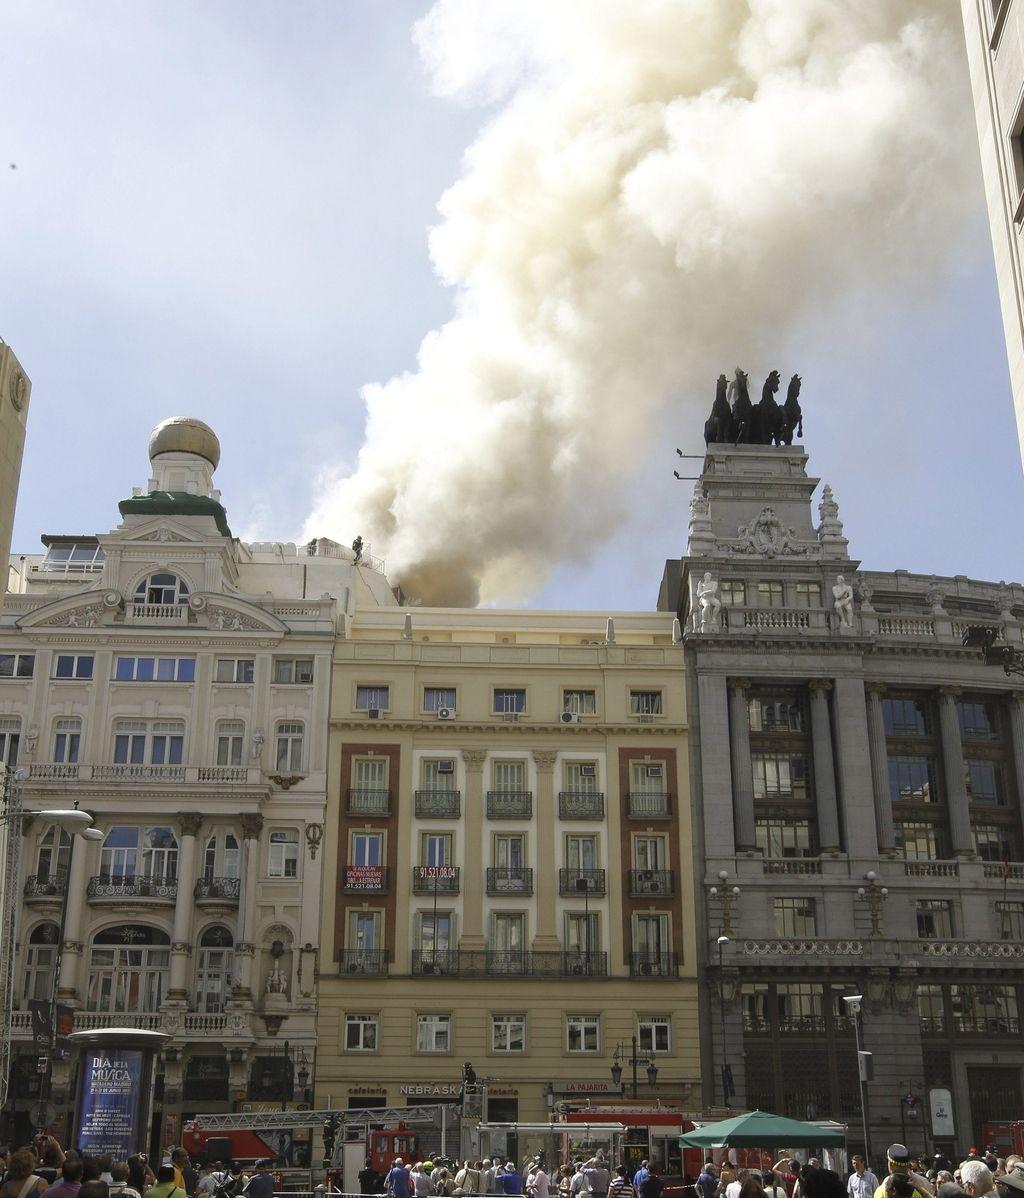 La inmensa columna de humo